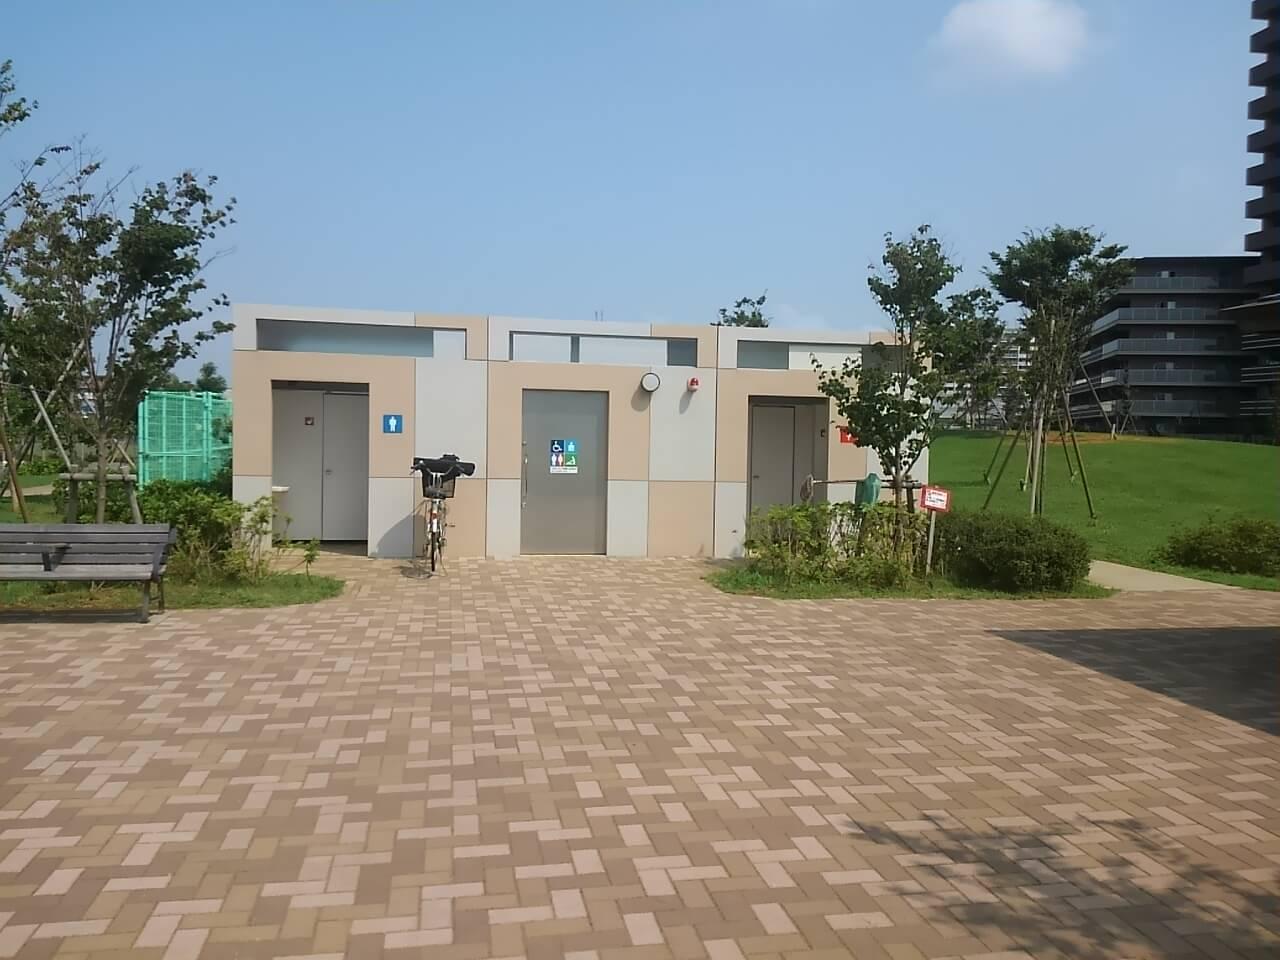 谷津奏の杜公園の駐車場の近くにあるトイレ